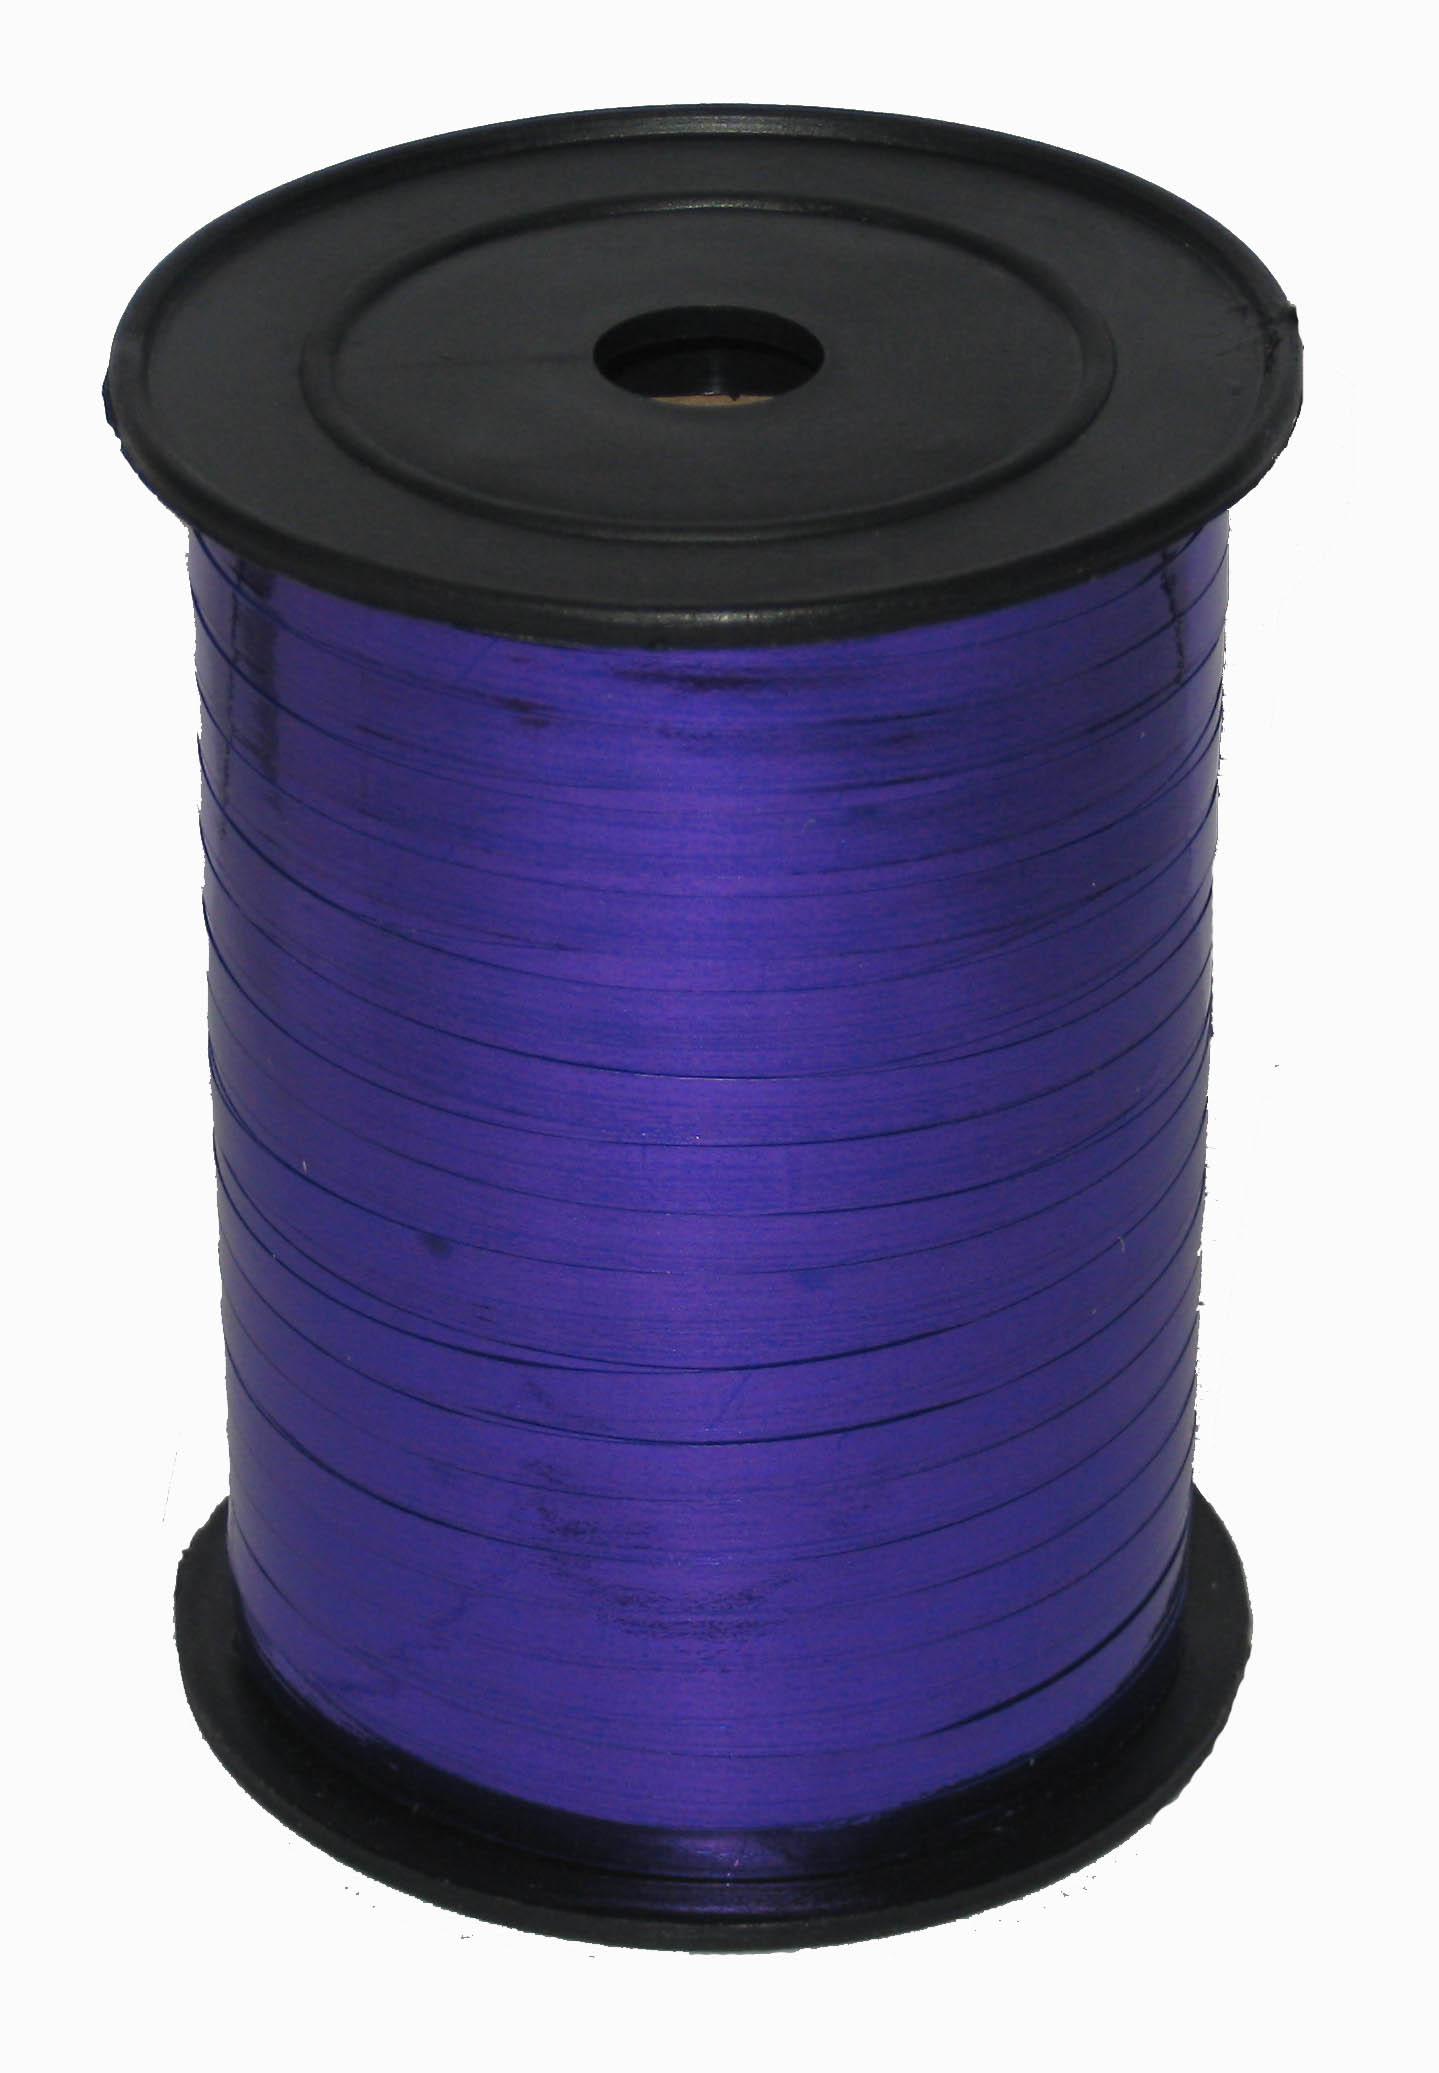 Лента Фиолетовая металл бобина 0,5 см / 250 м / Россия